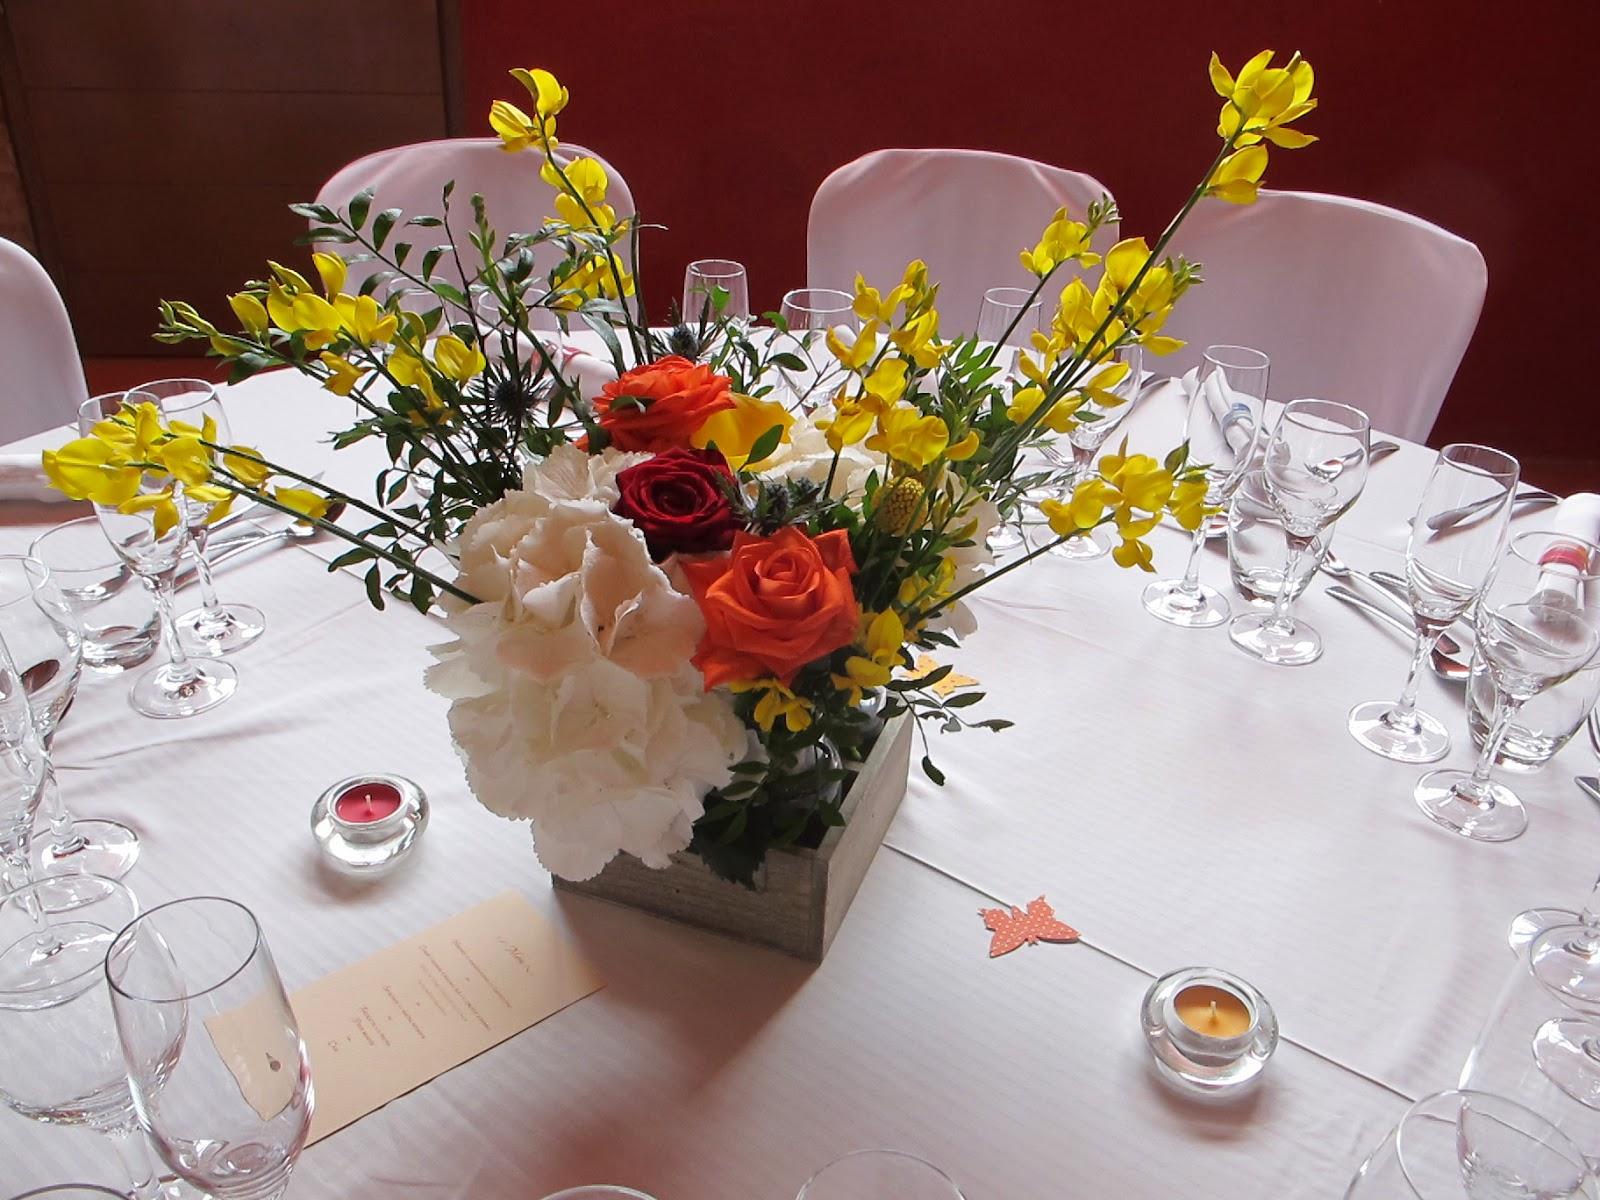 La fleureuse blog mariage bouquets de table - Bouquet table mariage ...